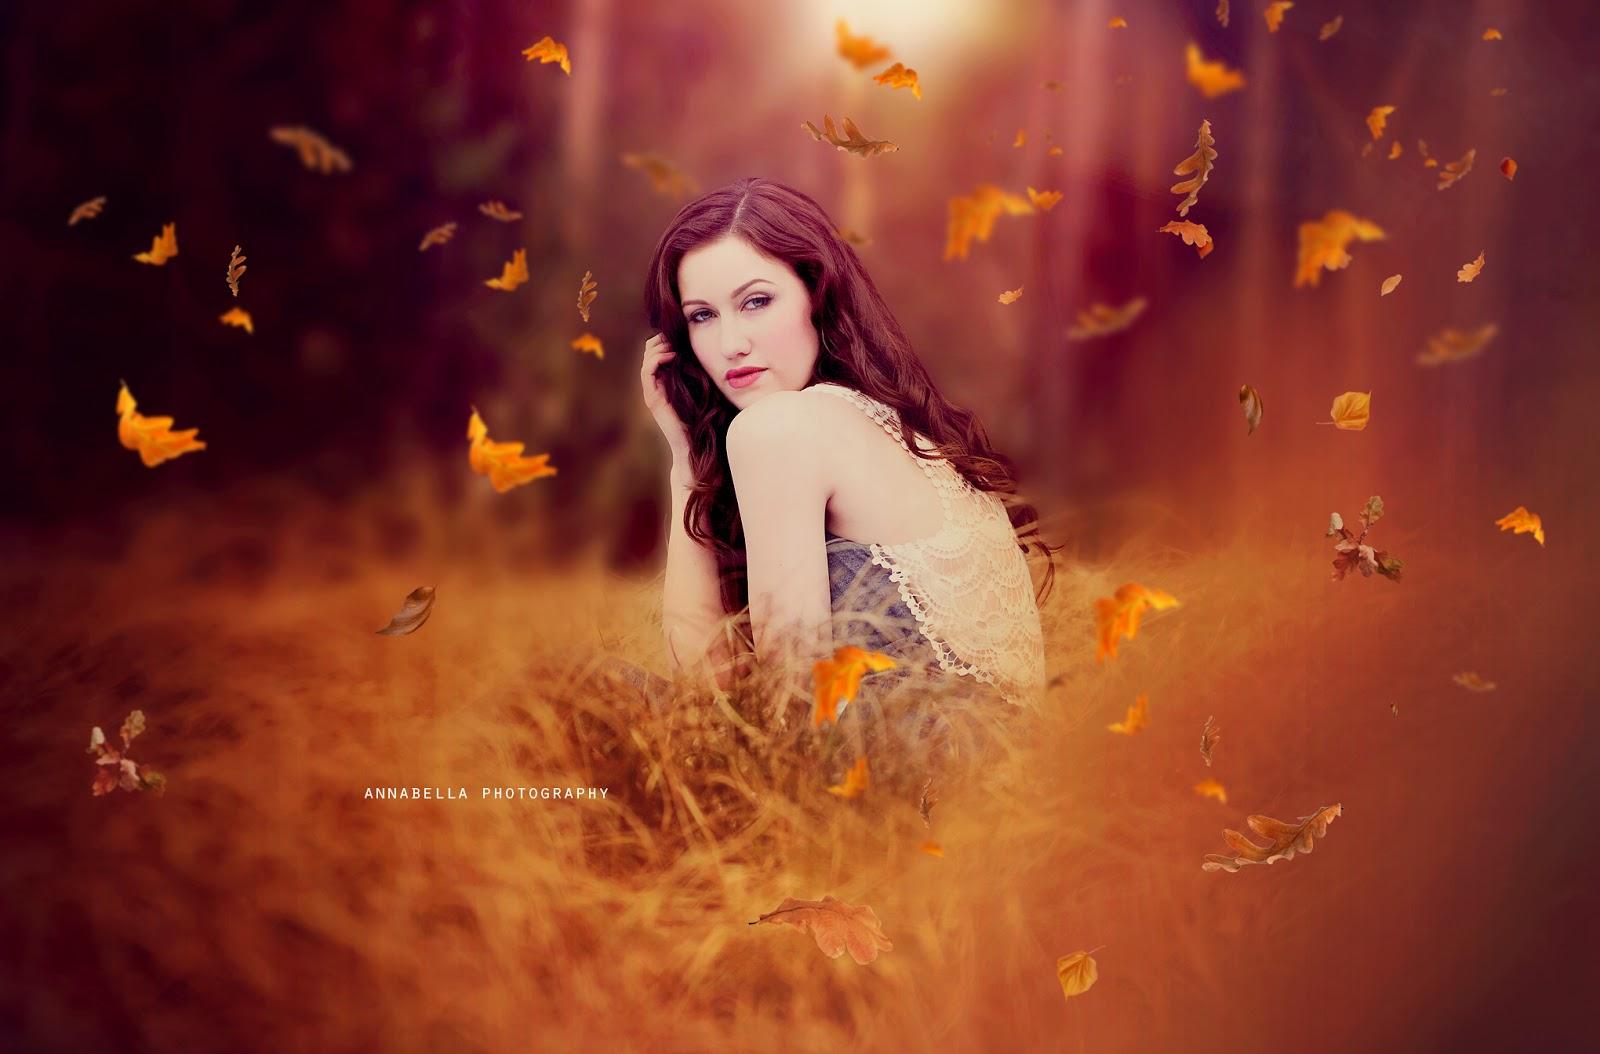 Free Falling Leaf Overlay Photoshop